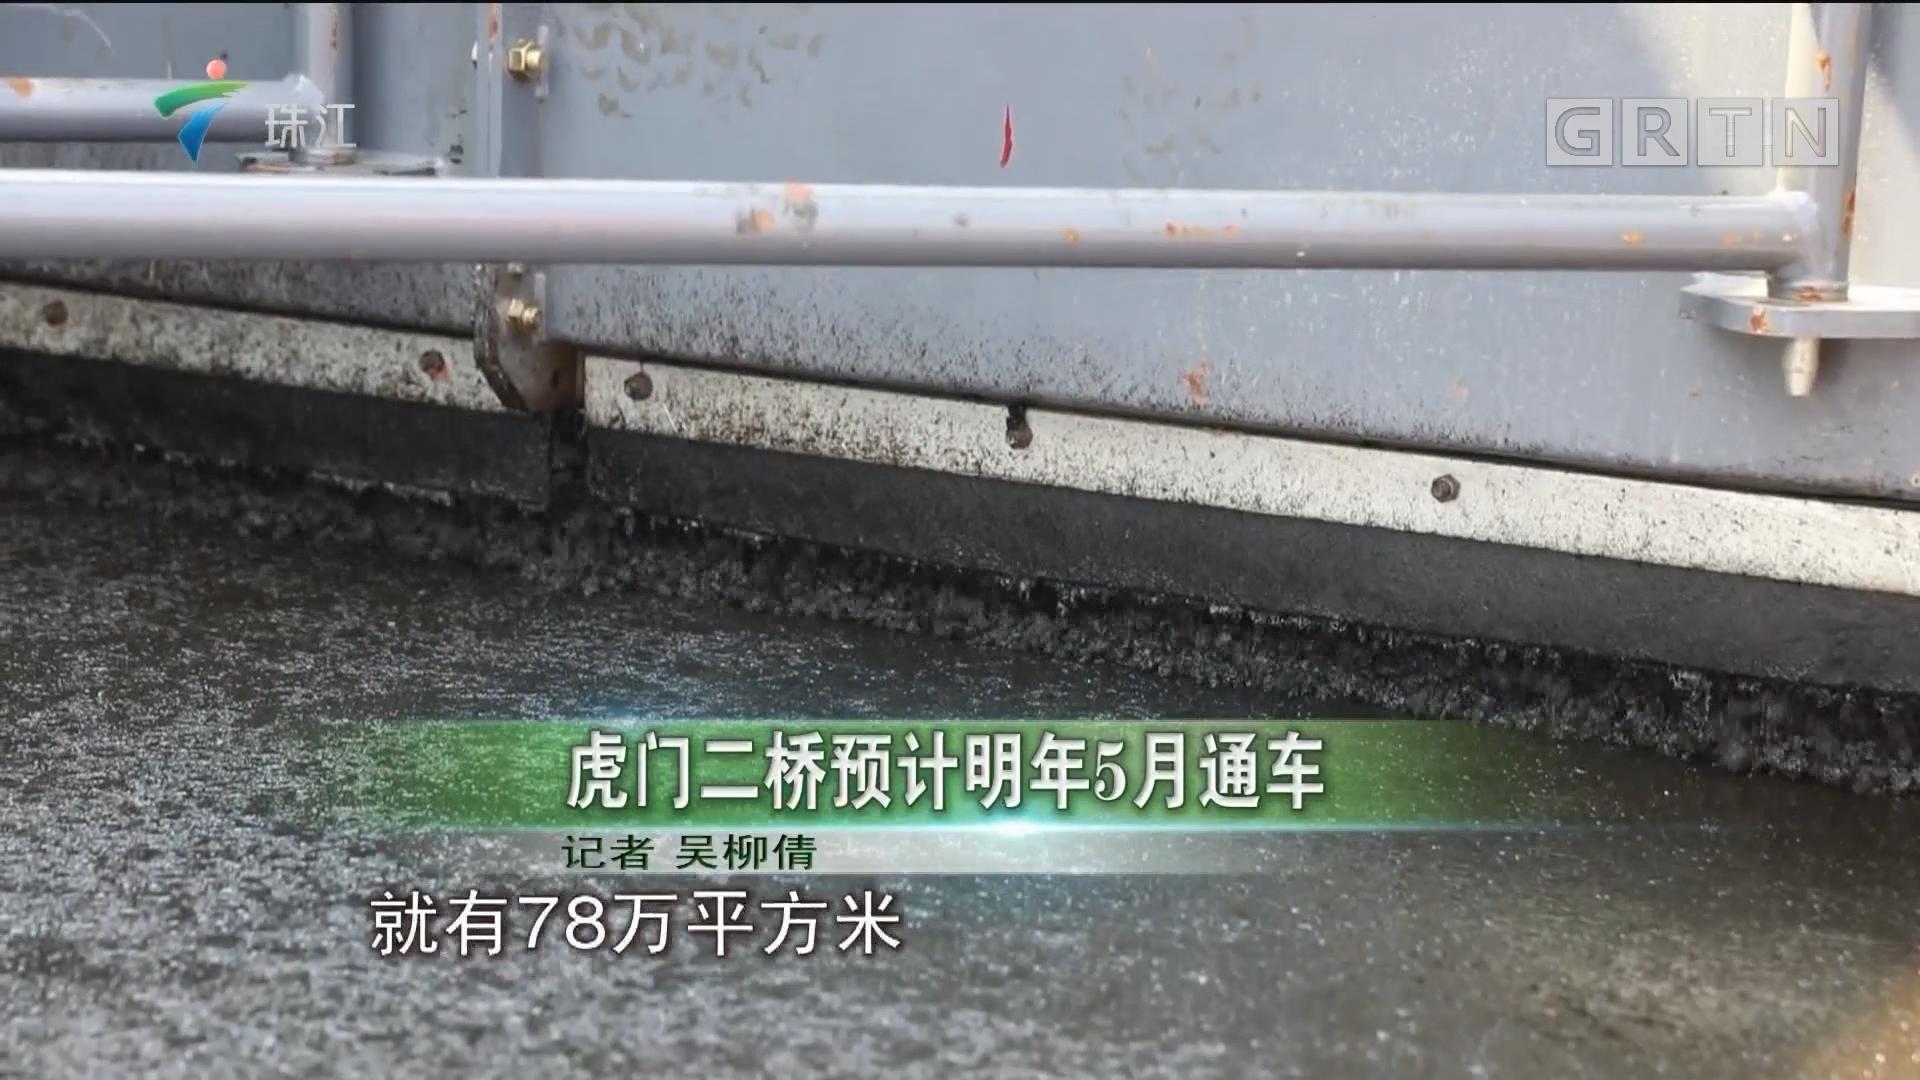 虎门二桥预计明年5月通车